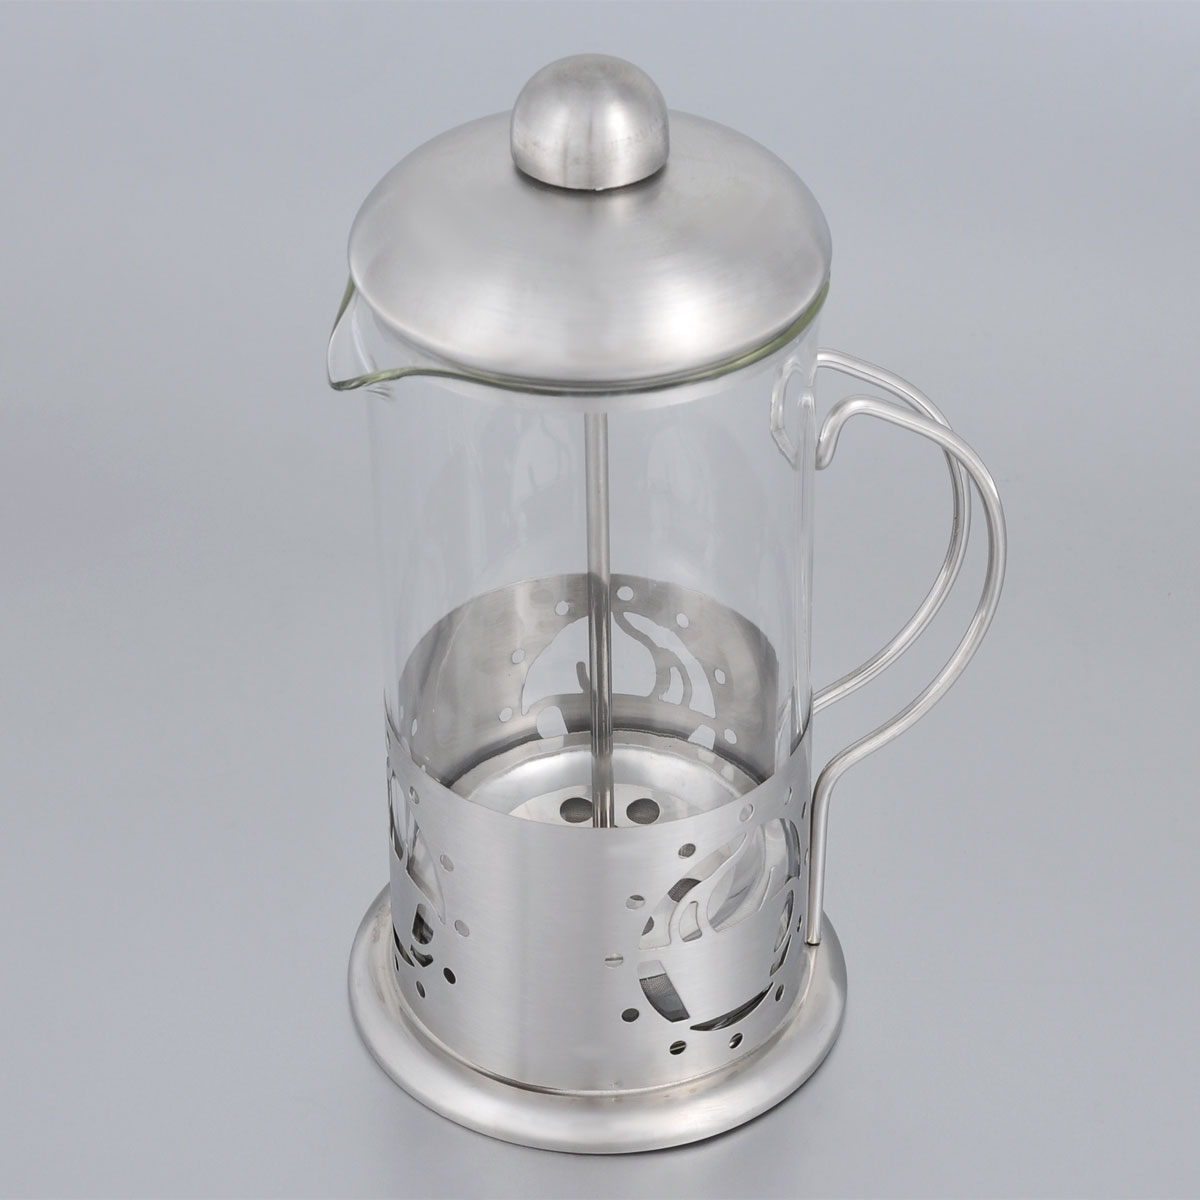 Френч-пресс Bohmann, 350 мл. 9535BH115510Френч-пресс Bohmann используется для заваривания крупнолистового чая, кофе среднего помола, травяных сборов. Изготовлен из высококачественной нержавеющей стали и термостойкого стекла, выдерживающего высокую температуру, что придает ему надежность и долговечность. Френч-пресс Bohmann незаменим для любителей чая и кофе.Можно мыть в посудомоечной машине.Объем: 350 мл.Высота (с учетом крышки): 18 см.Диаметр (по верхнему краю): 7,5 см.